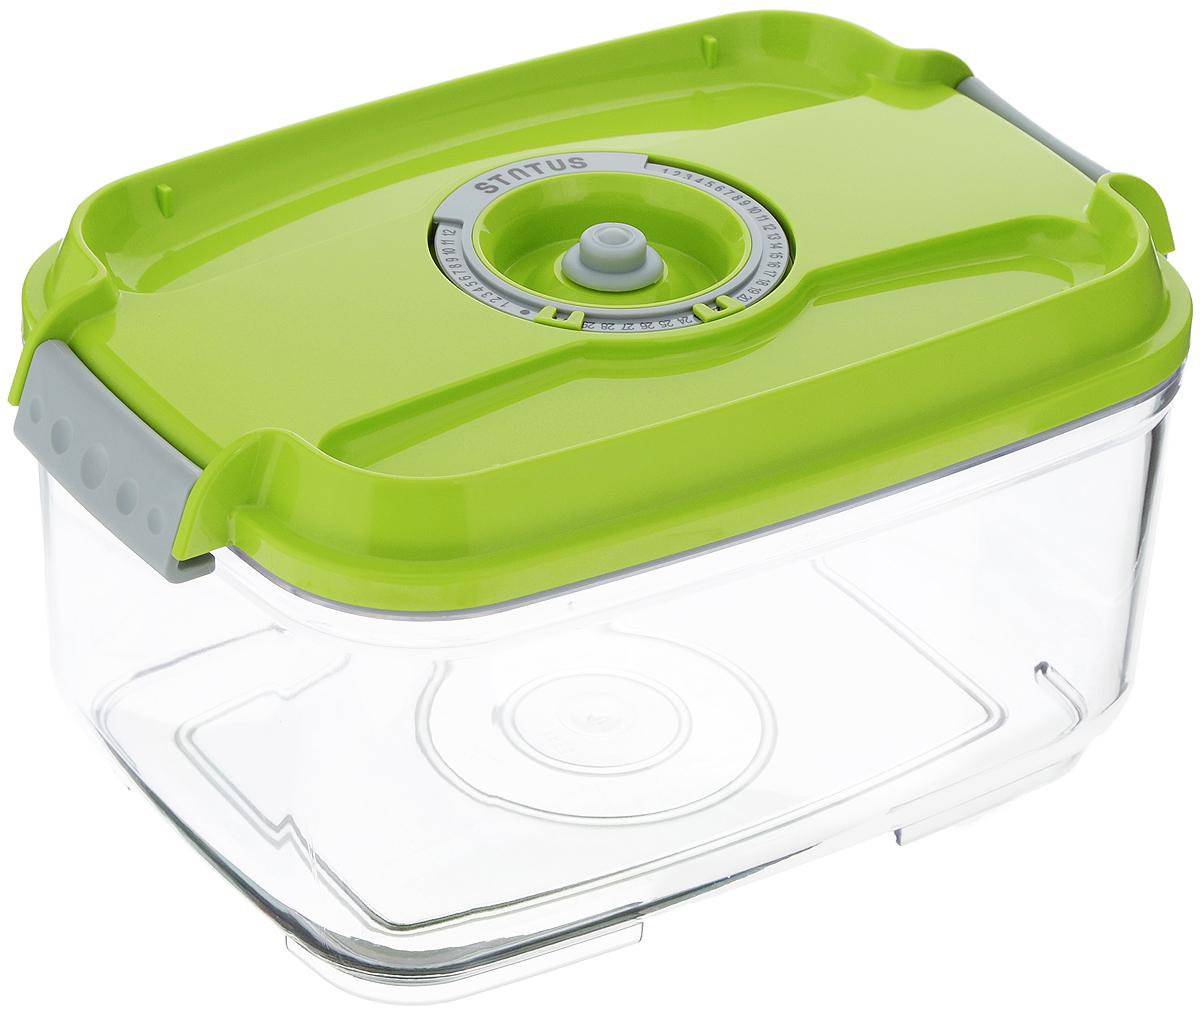 Контейнер вакуумный Status, с индикатором даты срока хранения, прозрачный, зеленый, 2 лVAC-REC-20 GreenВакуумный контейнер Status выполнен из хрустально-прозрачного прочного тритана. Благодаря вакууму, продукты не подвергаются внешнему воздействию, и срок хранения значительно увеличивается, сохраняют свои вкусовые качества и аромат, а запахи в холодильнике не перемешиваются. Допускается замораживание до -21°C, мойка контейнера в посудомоечной машине, разогрев в СВЧ (без крышки). Рекомендовано хранение следующих продуктов: макаронные изделия, крупа, мука, кофе в зёрнах, сухофрукты, супы, соусы. Контейнер имеет индикатор даты, который позволяет отмечать дату конца срока годности продуктов.Размер контейнера (с учетом крышки): 22,5 х 15,5 х 11,5 см.